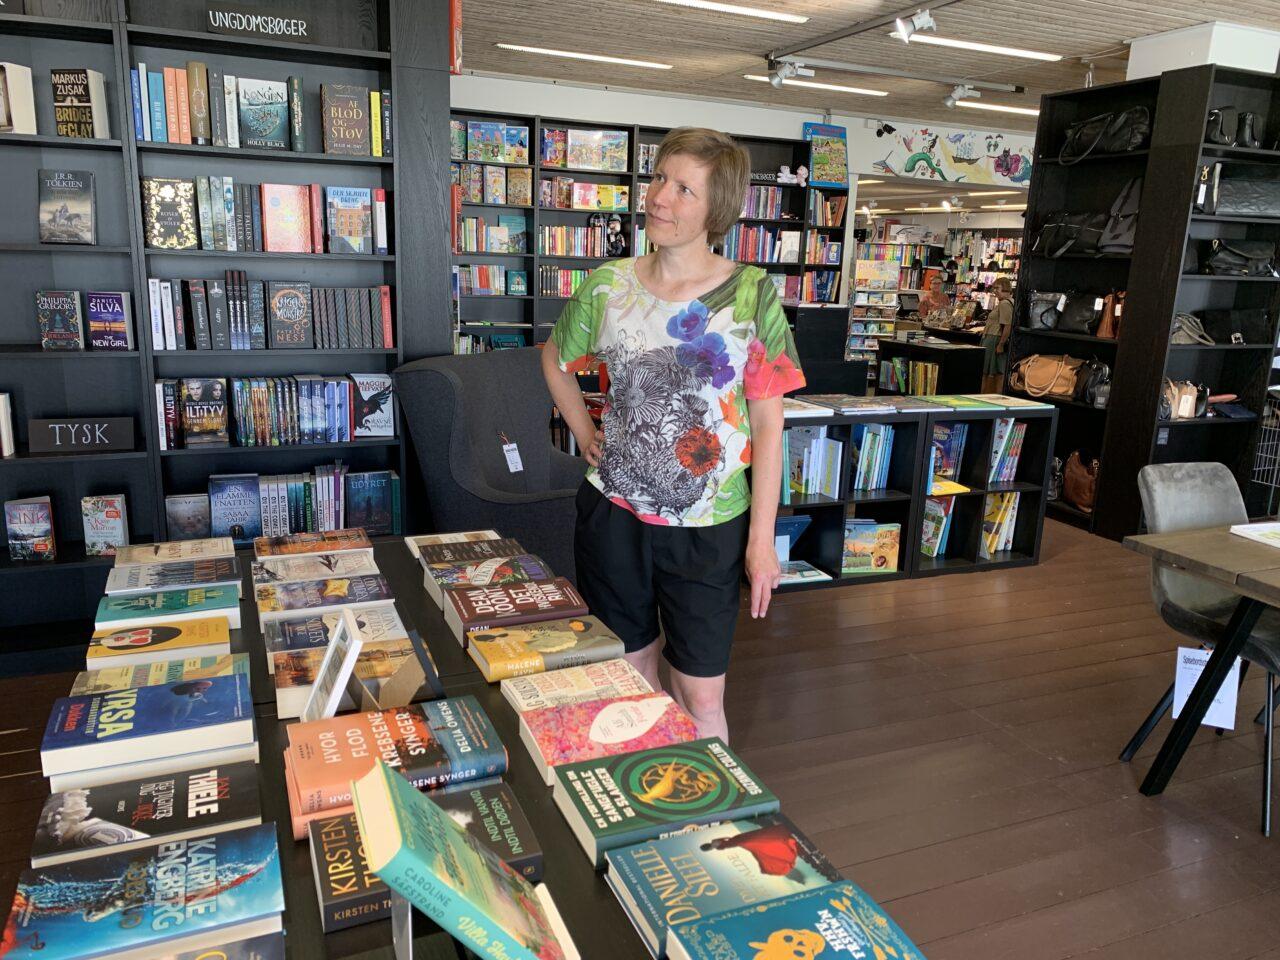 Oplev en verden af litteratur i ny boghandel i Præstø